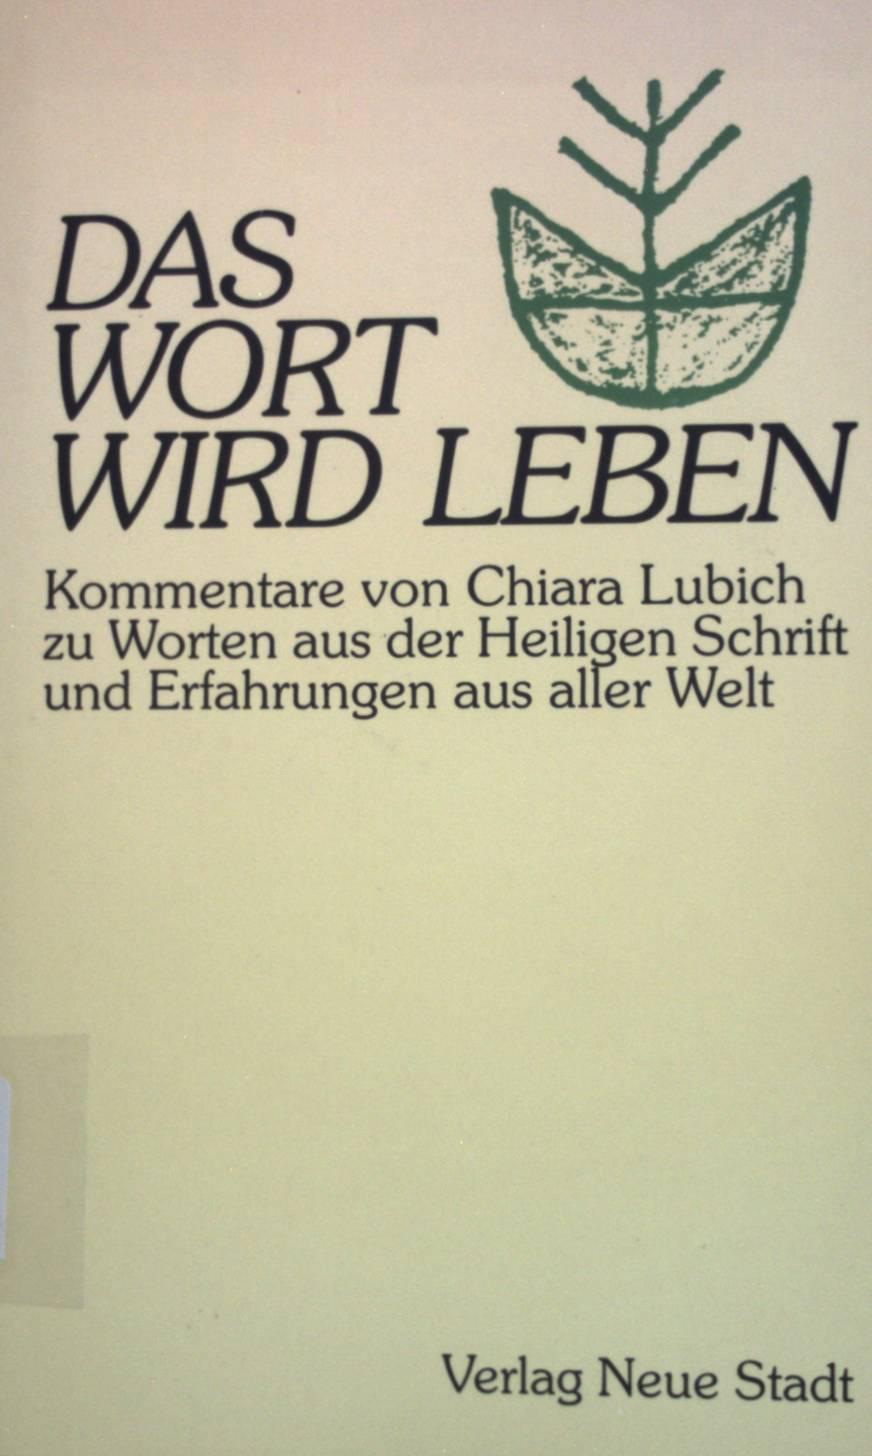 Das Wort wird Leben : Kommentare zu Worten aus der Heiligen Schrift und Erfahrungen aus aller Welt. Aus dem Leben - Lubich, Chiara